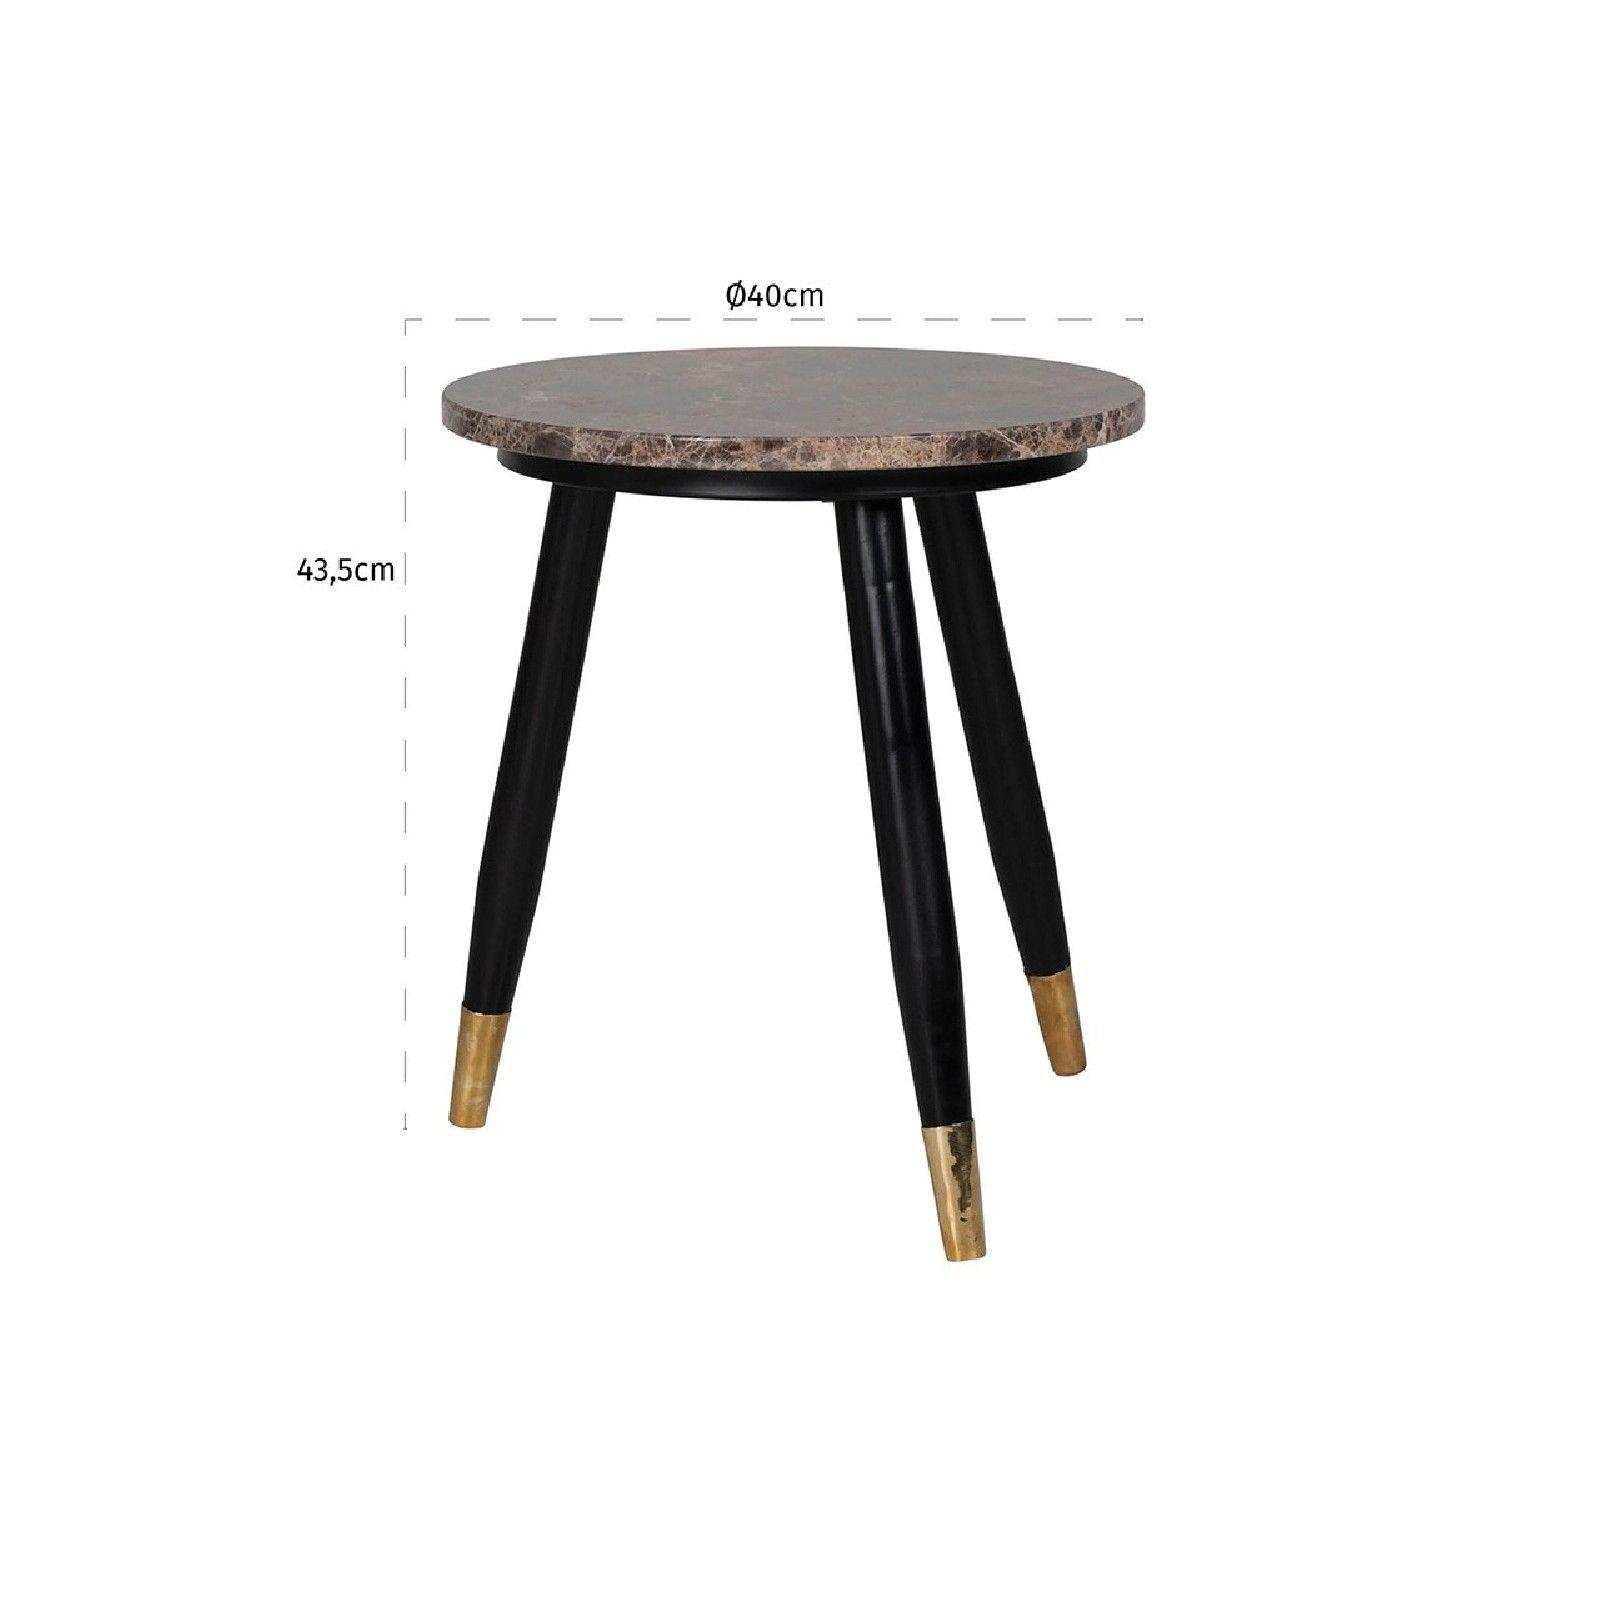 Table d'angle Dalton brown emperador rond 40Ø Meuble Déco Tendance - 843